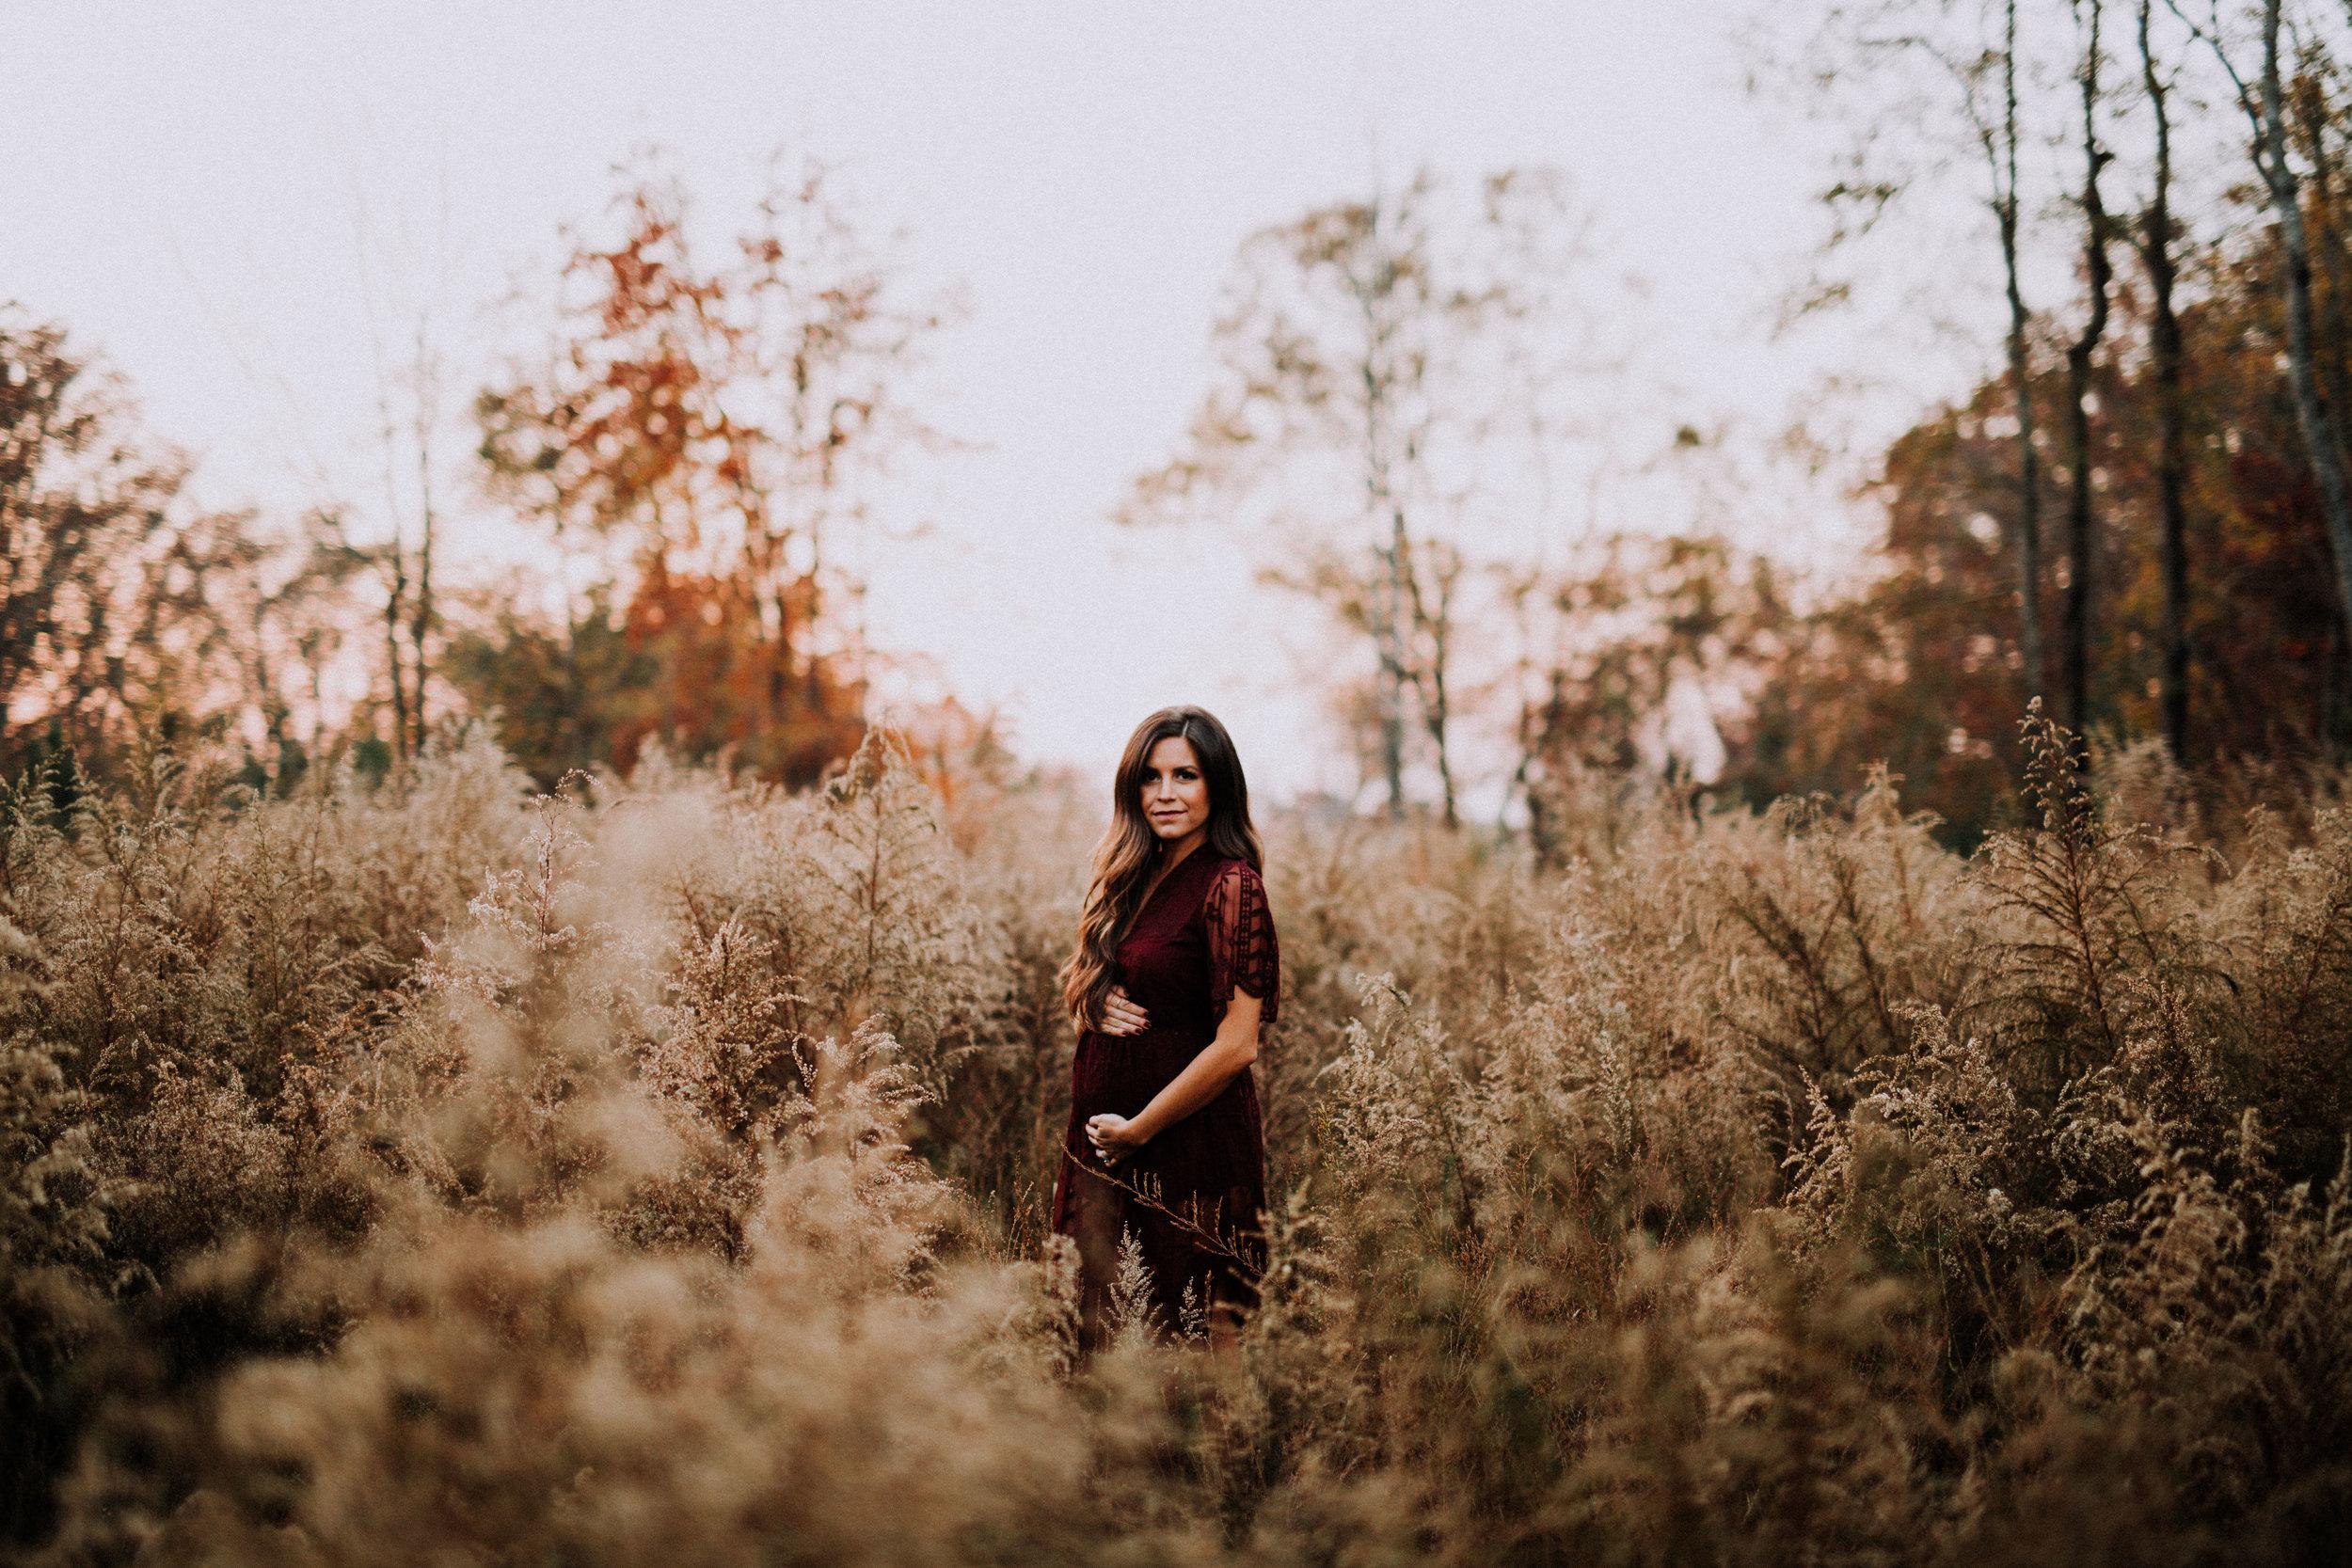 atlantafamilyphotographer-249.jpg